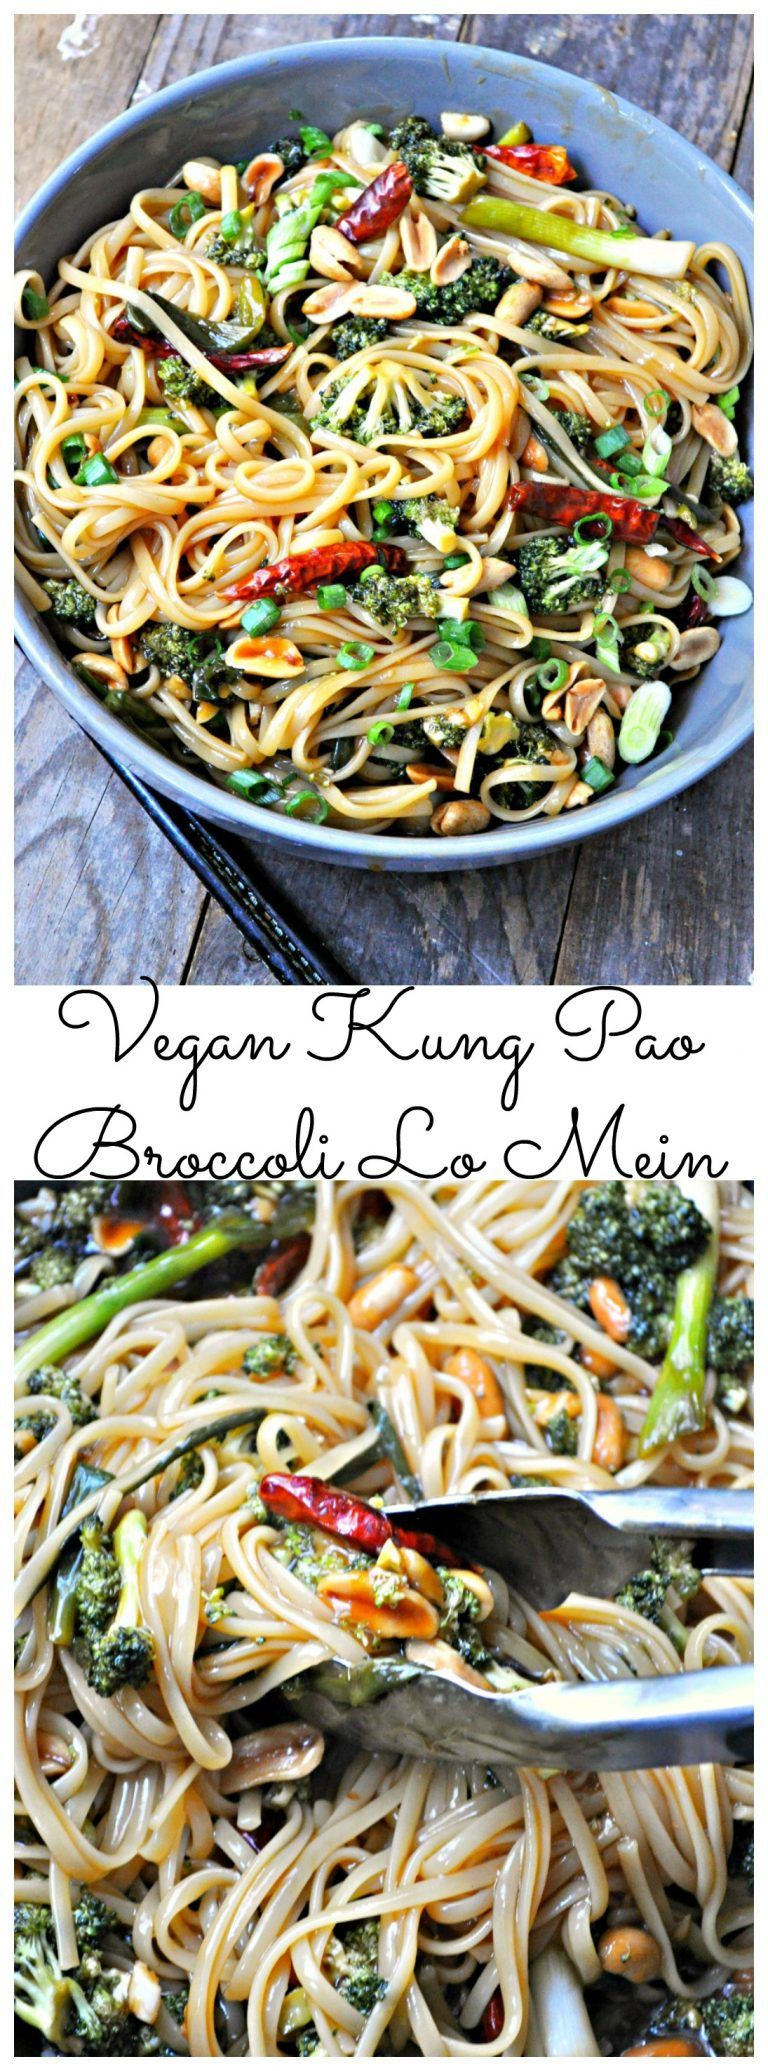 vegan kung pao broccoli lo mein  recipe  healthy recipes